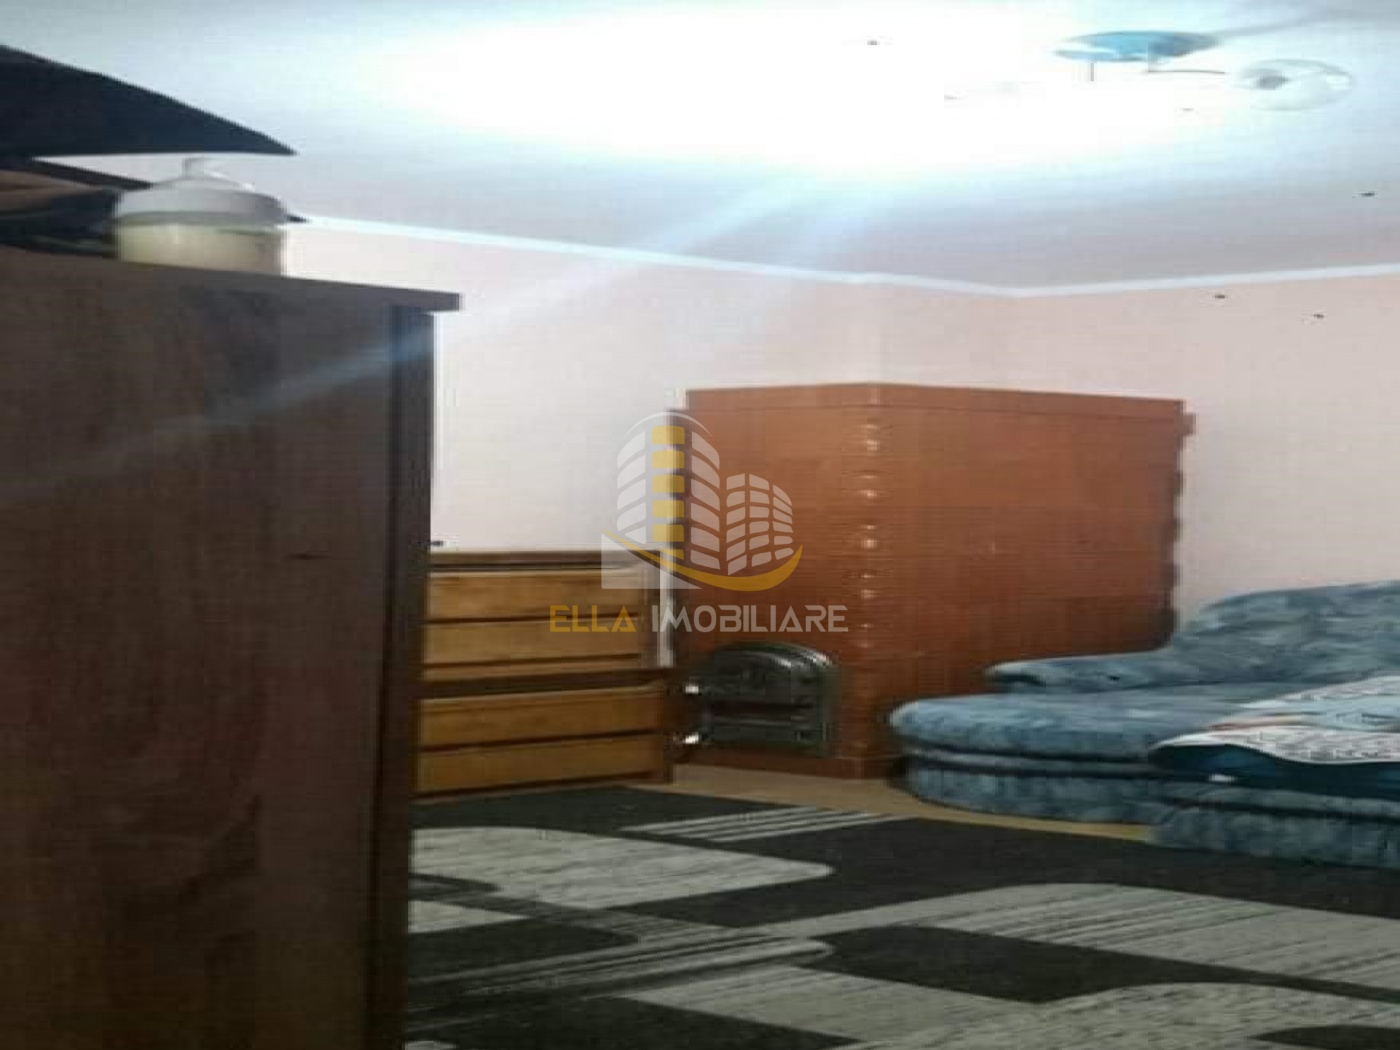 Zona Liceul Pedagogic, Botosani, Botosani, Romania, 2 Bedrooms Bedrooms, 3 Rooms Rooms,1 BathroomBathrooms,Casa / vila,De vanzare,2384